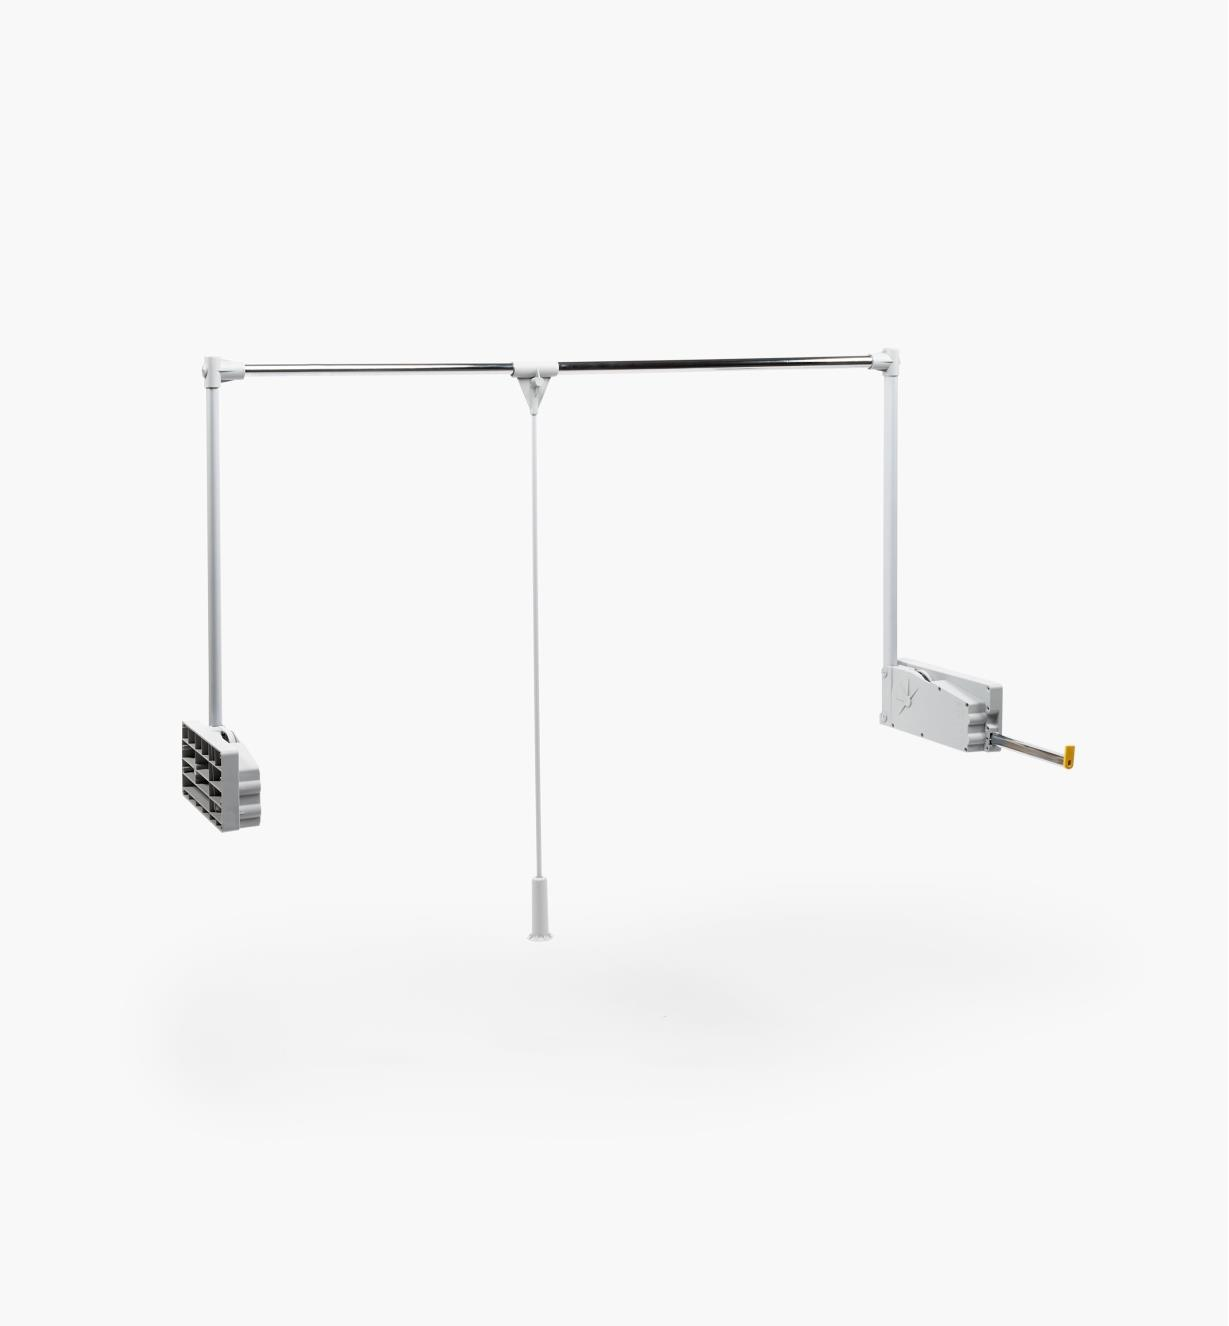 12K1810 - 22 lb/10kg Closet Rod Lift Mechanism